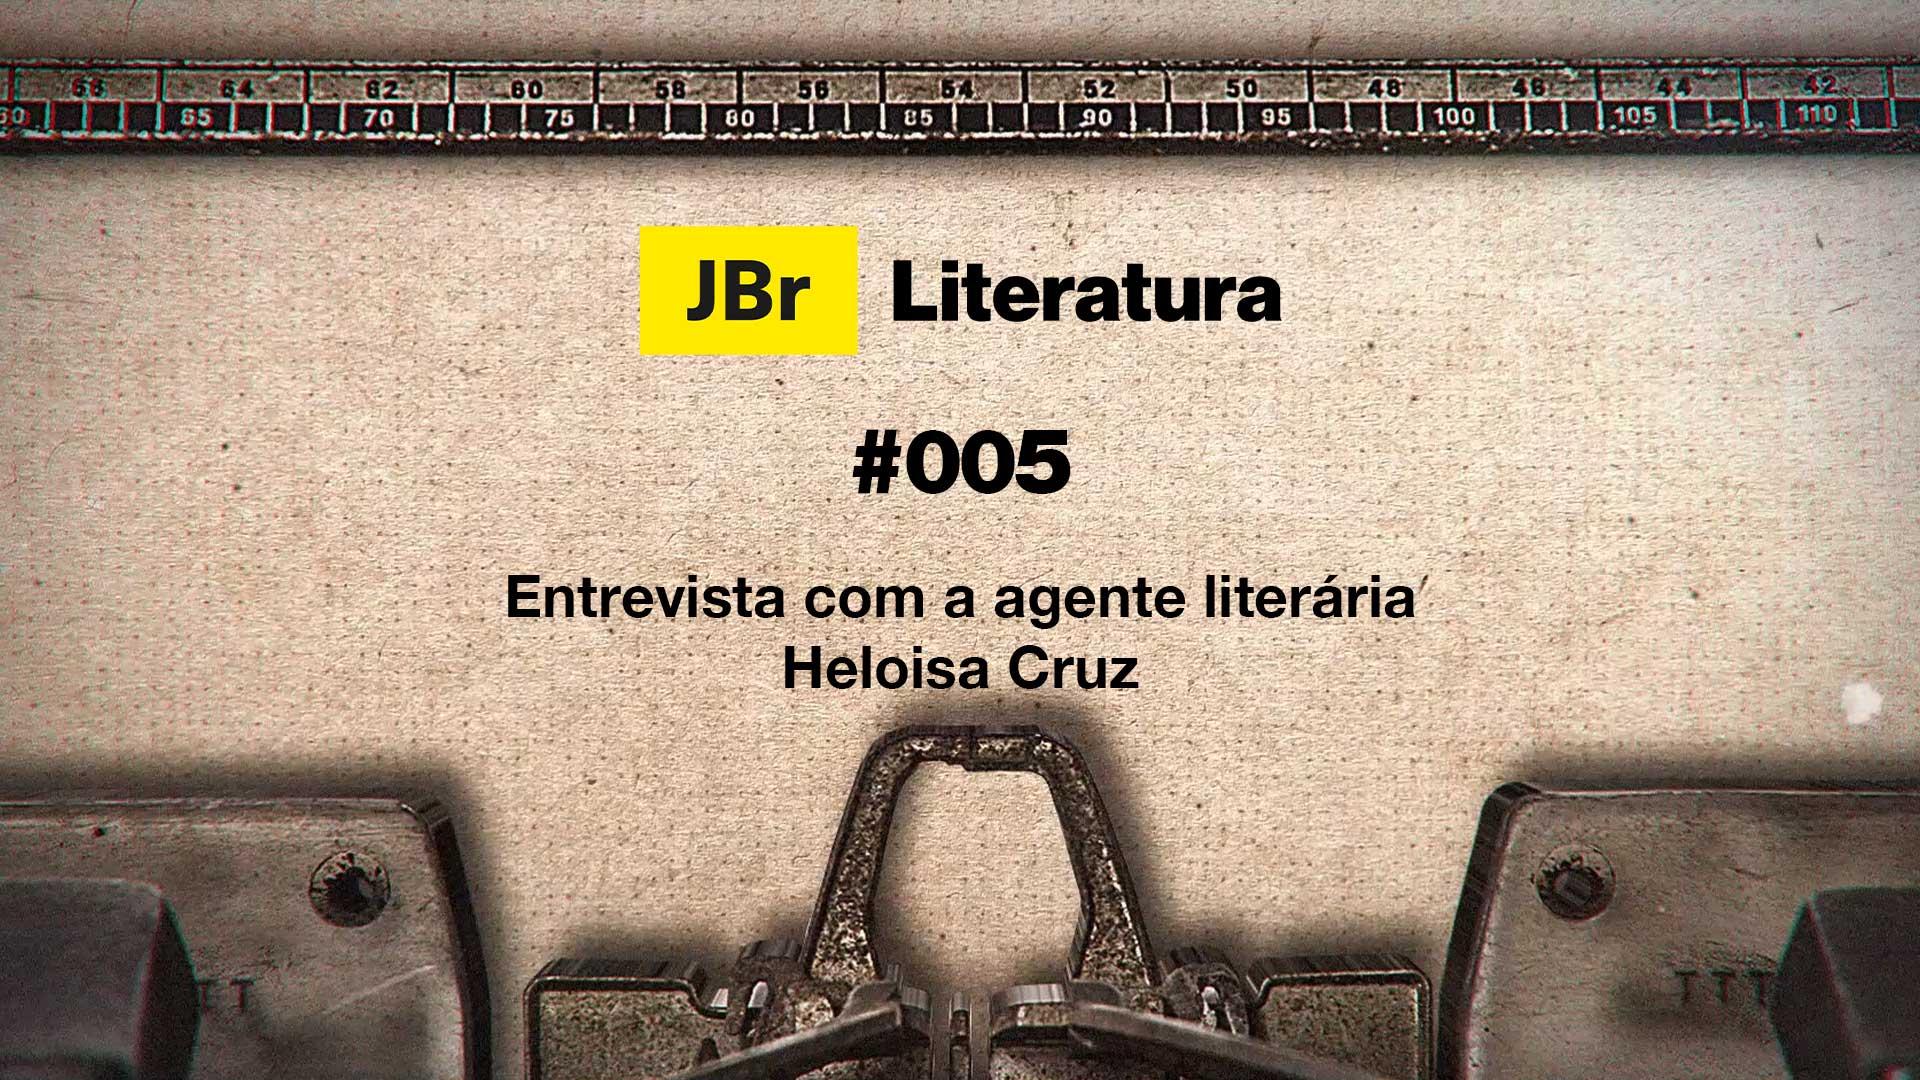 Entrevista com a agente literária Heloisa Cruz